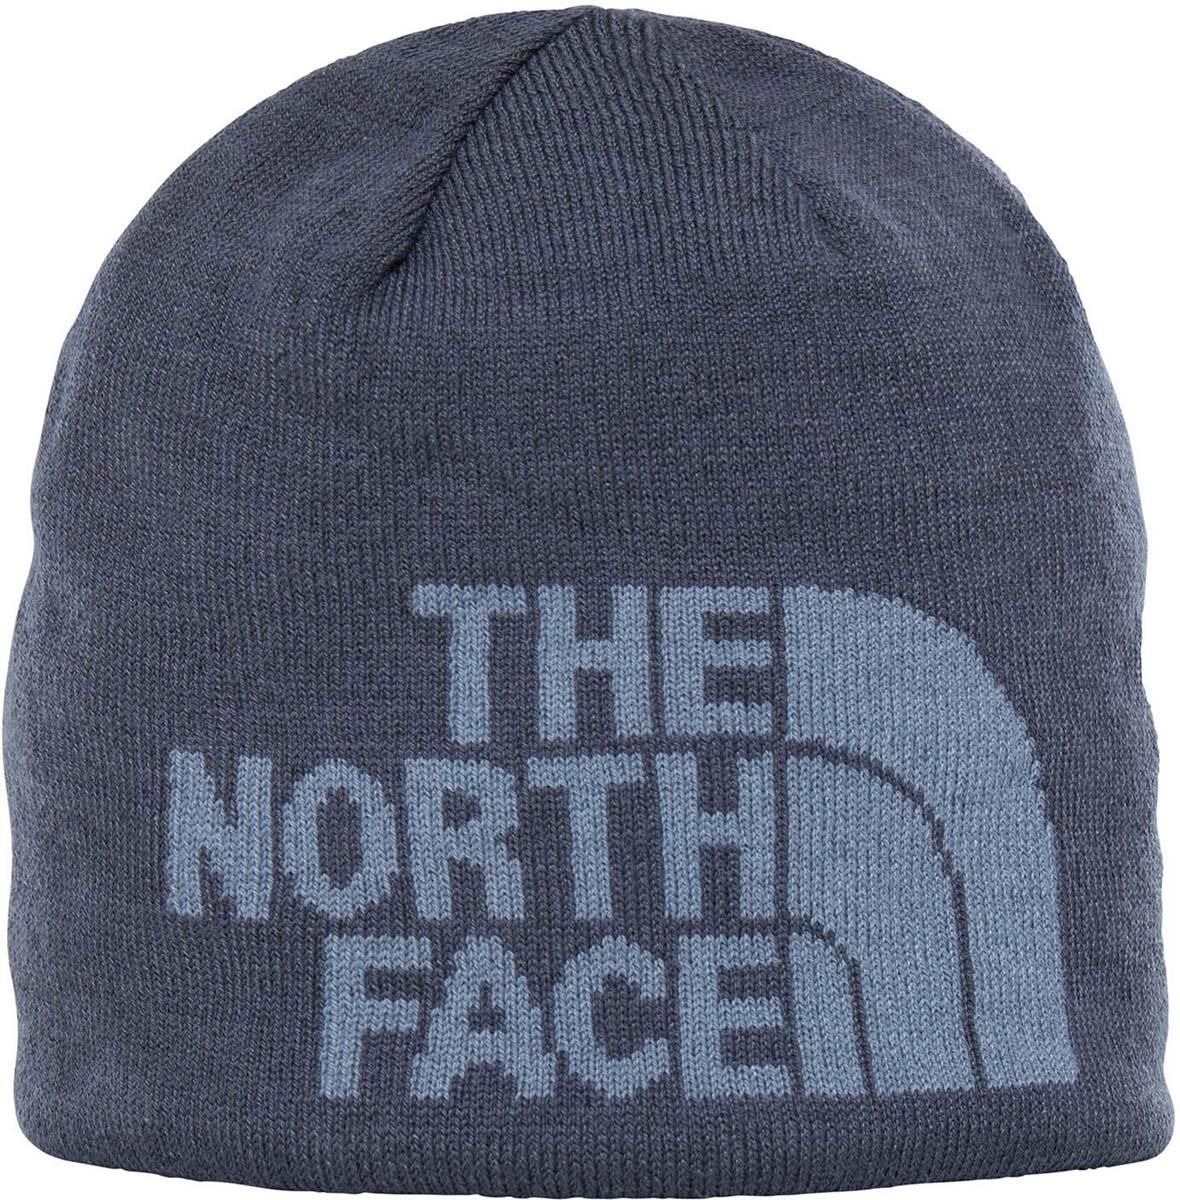 Шапка The North Face Highline Beanie, цвет: серый. T0A5WGYNT. Размер универсальныйT0A5WGYNTУниверсальная и теплая шапка The North Face Bones Beanie подойдет для холодной погоды. Изделие выполнено из высококачественного материала. Сочетание технологичного утеплителя PrimaLoft и шерсти обеспечивает сохранение тепла и удобную посадку. Сбоку шапку украшает логотип бренда. Шапка двусторонняя и позволит ее владельцу выглядеть по-разному.